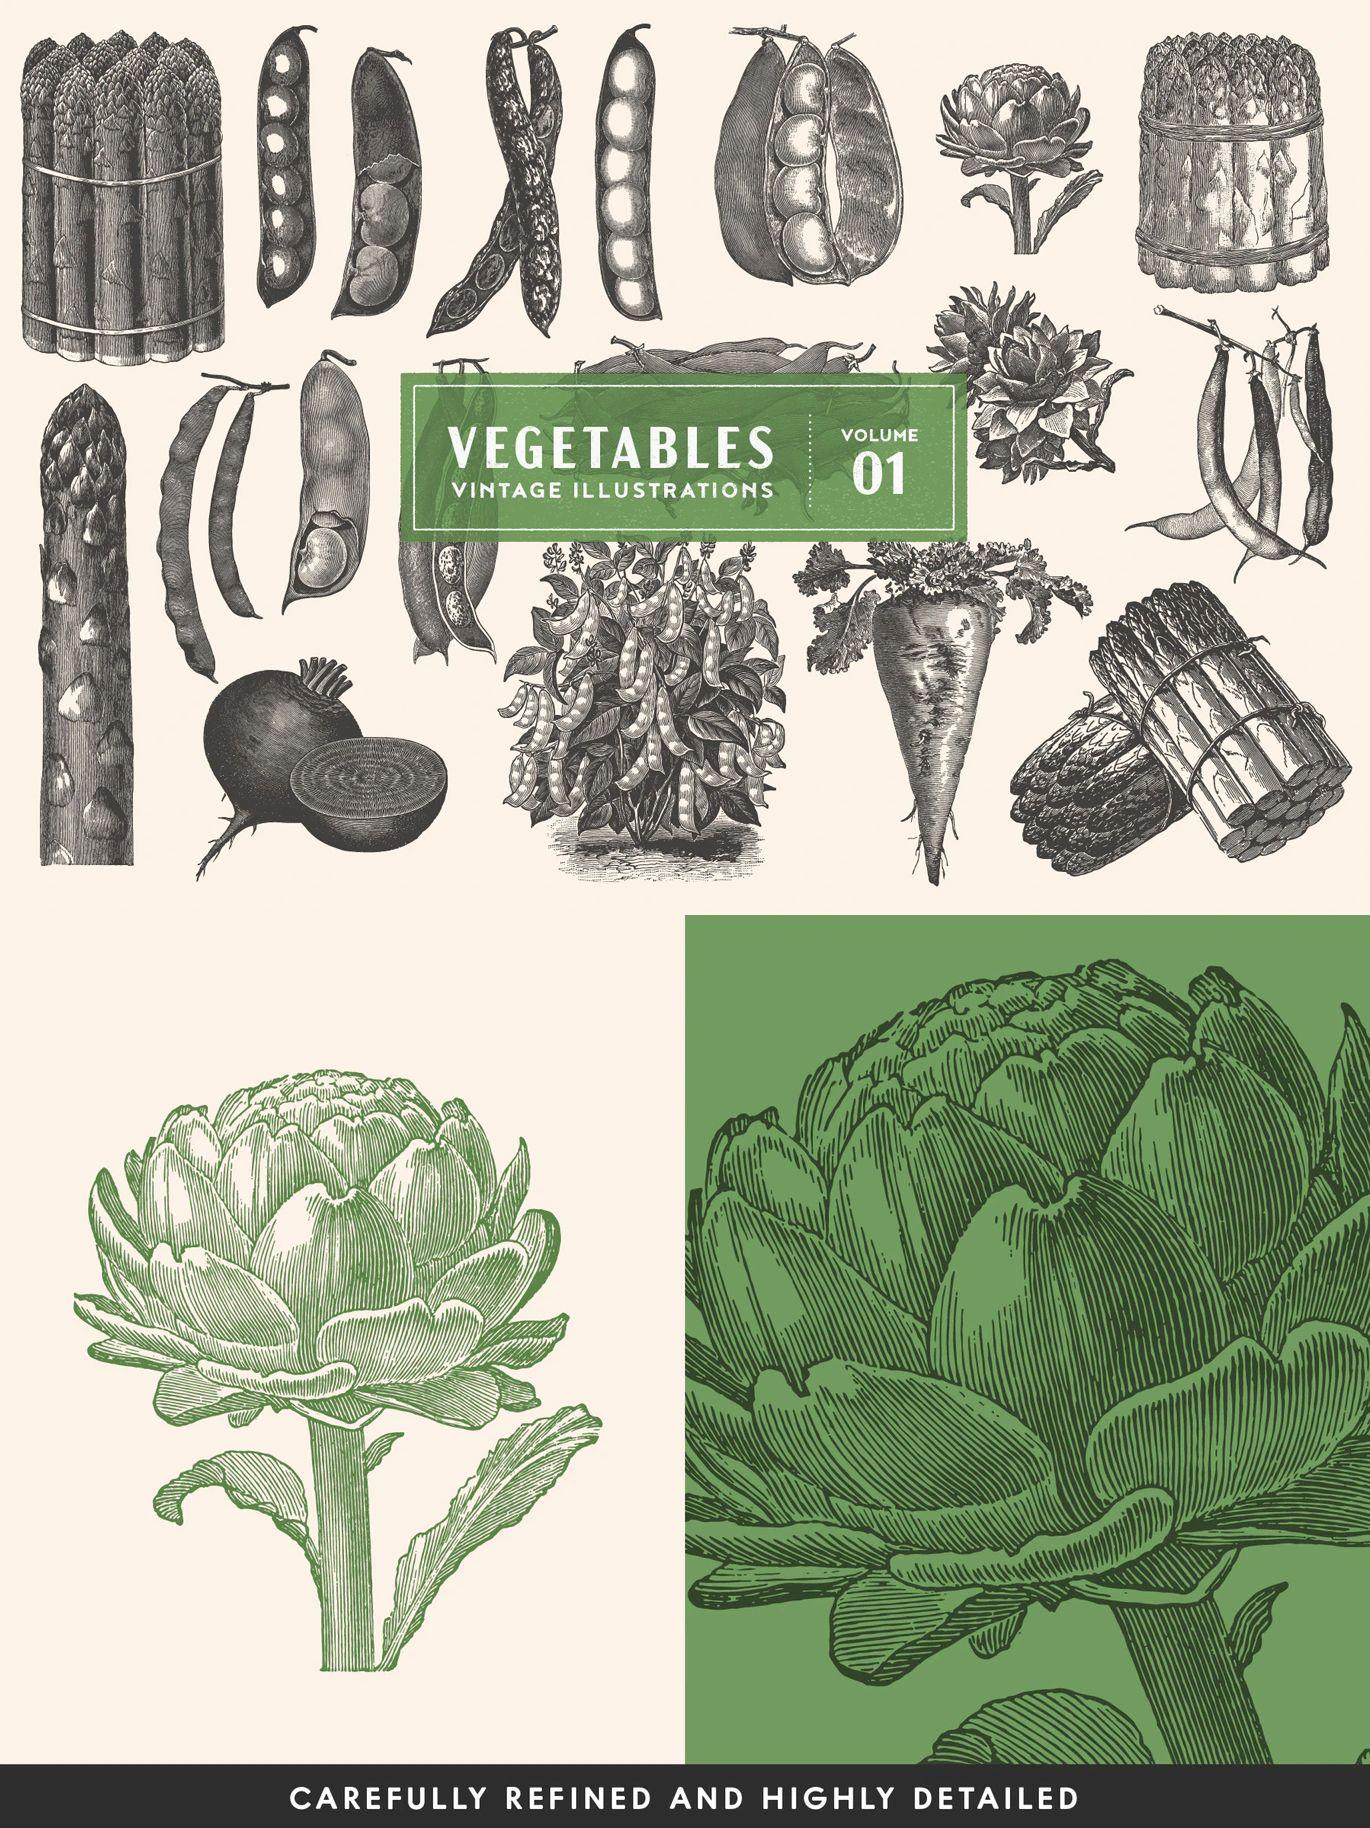 Vintage Vegetable Vector Illustrations In 2020 Vegetable Illustration Illustration Vector Illustration